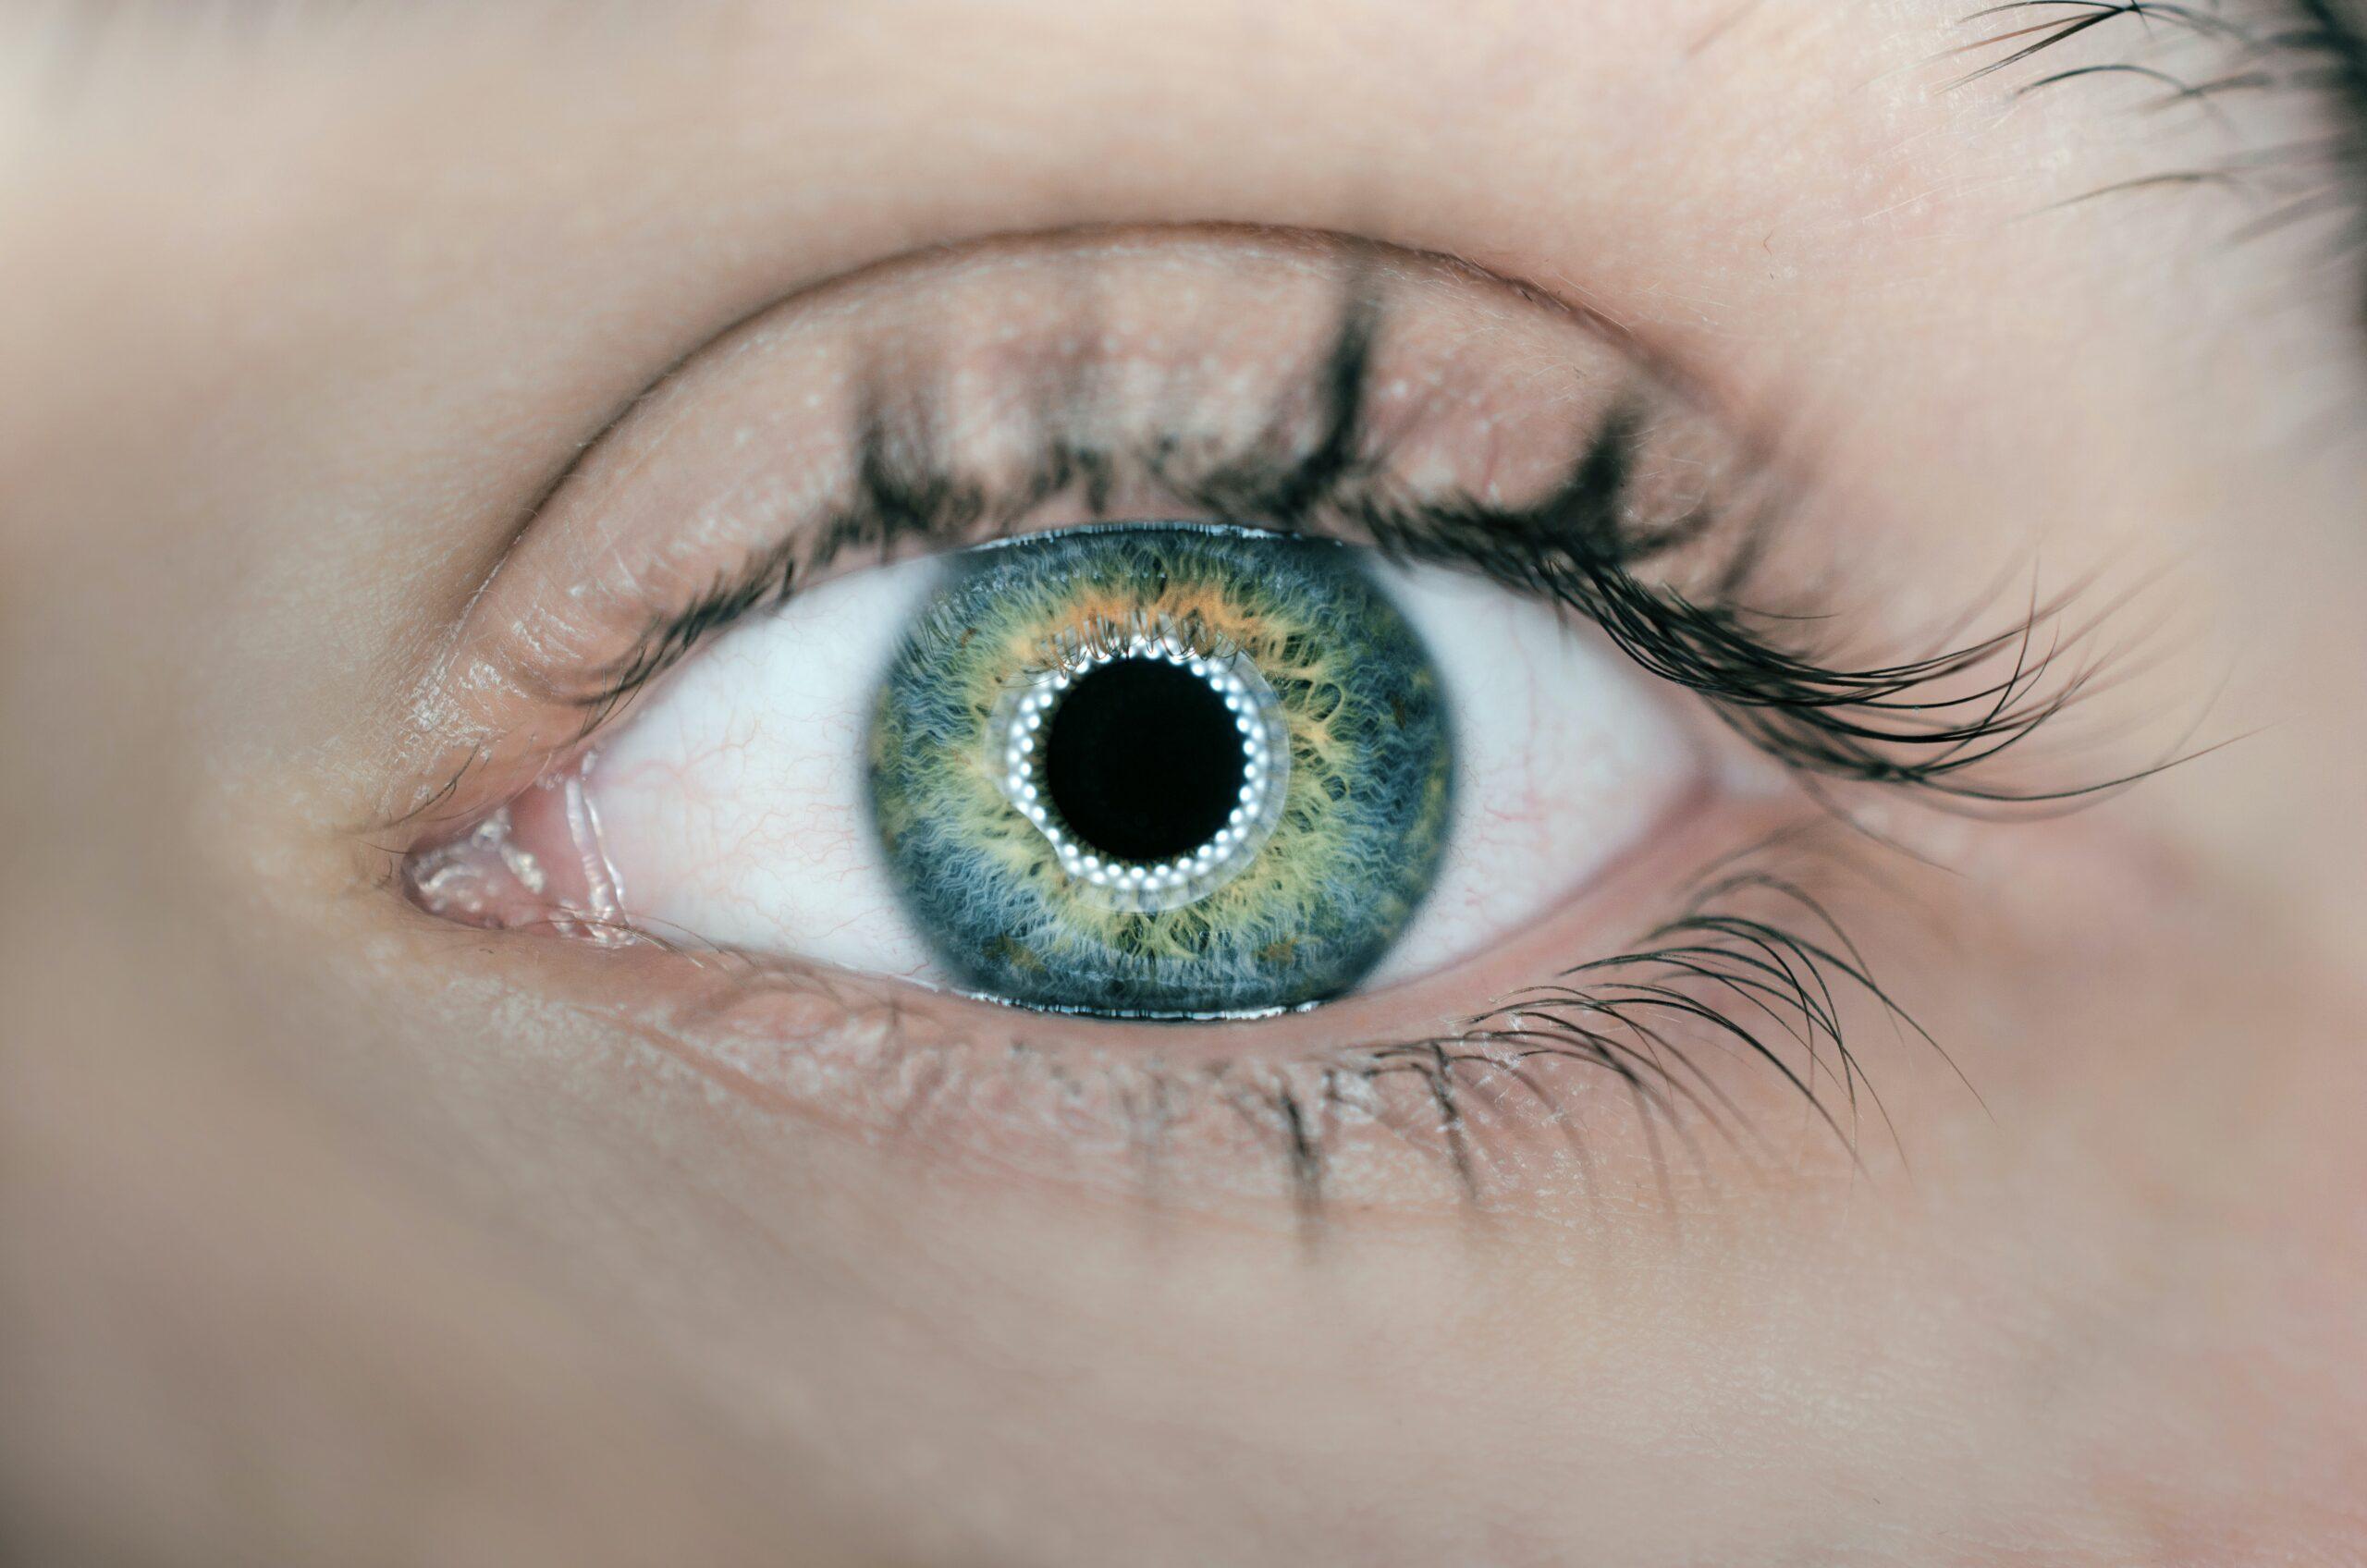 occhio con lente a contatto